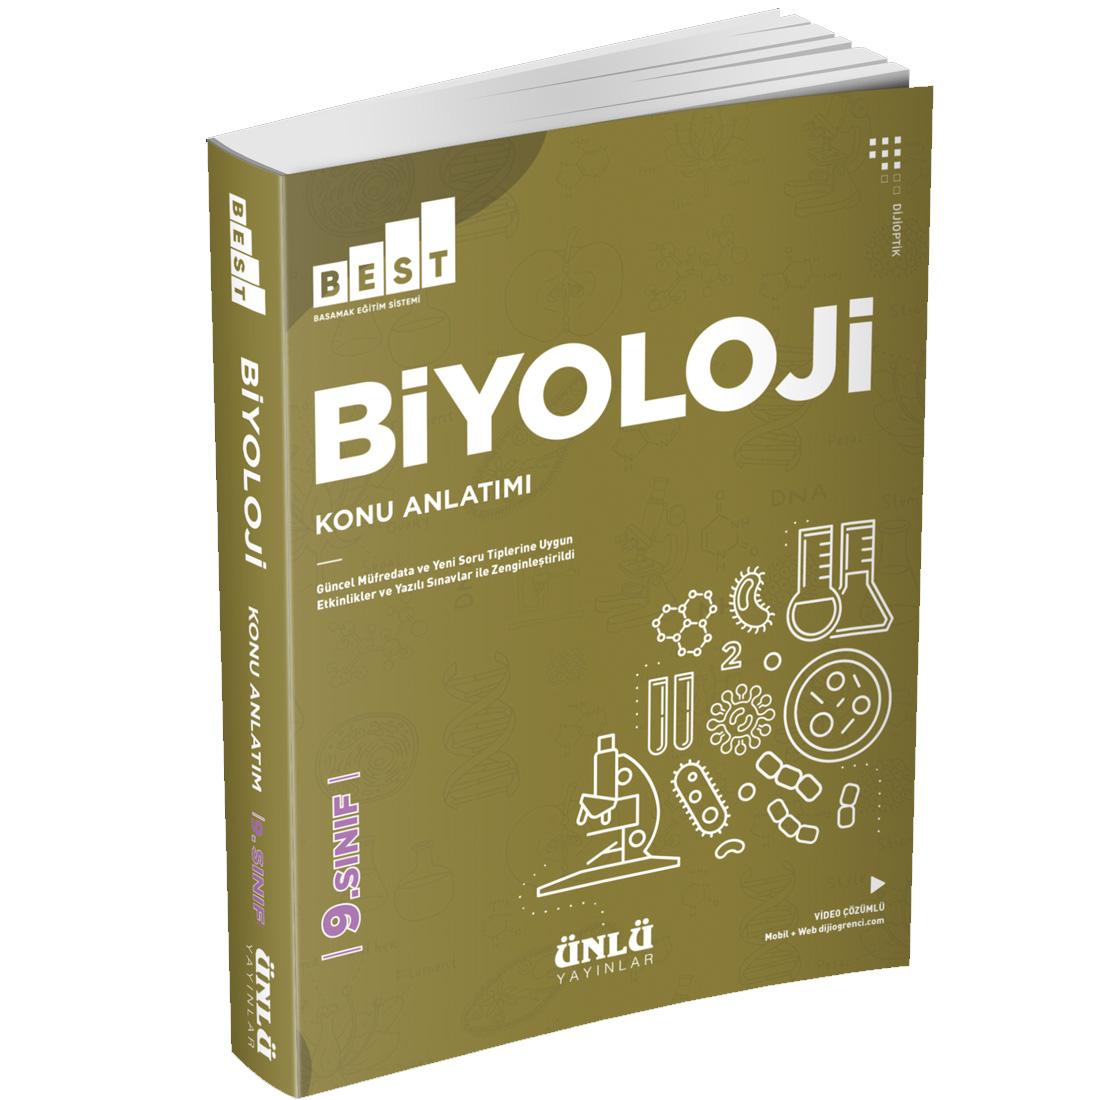 Kültür 9. Sınıf Best Biyoloji Konu Anlatımı